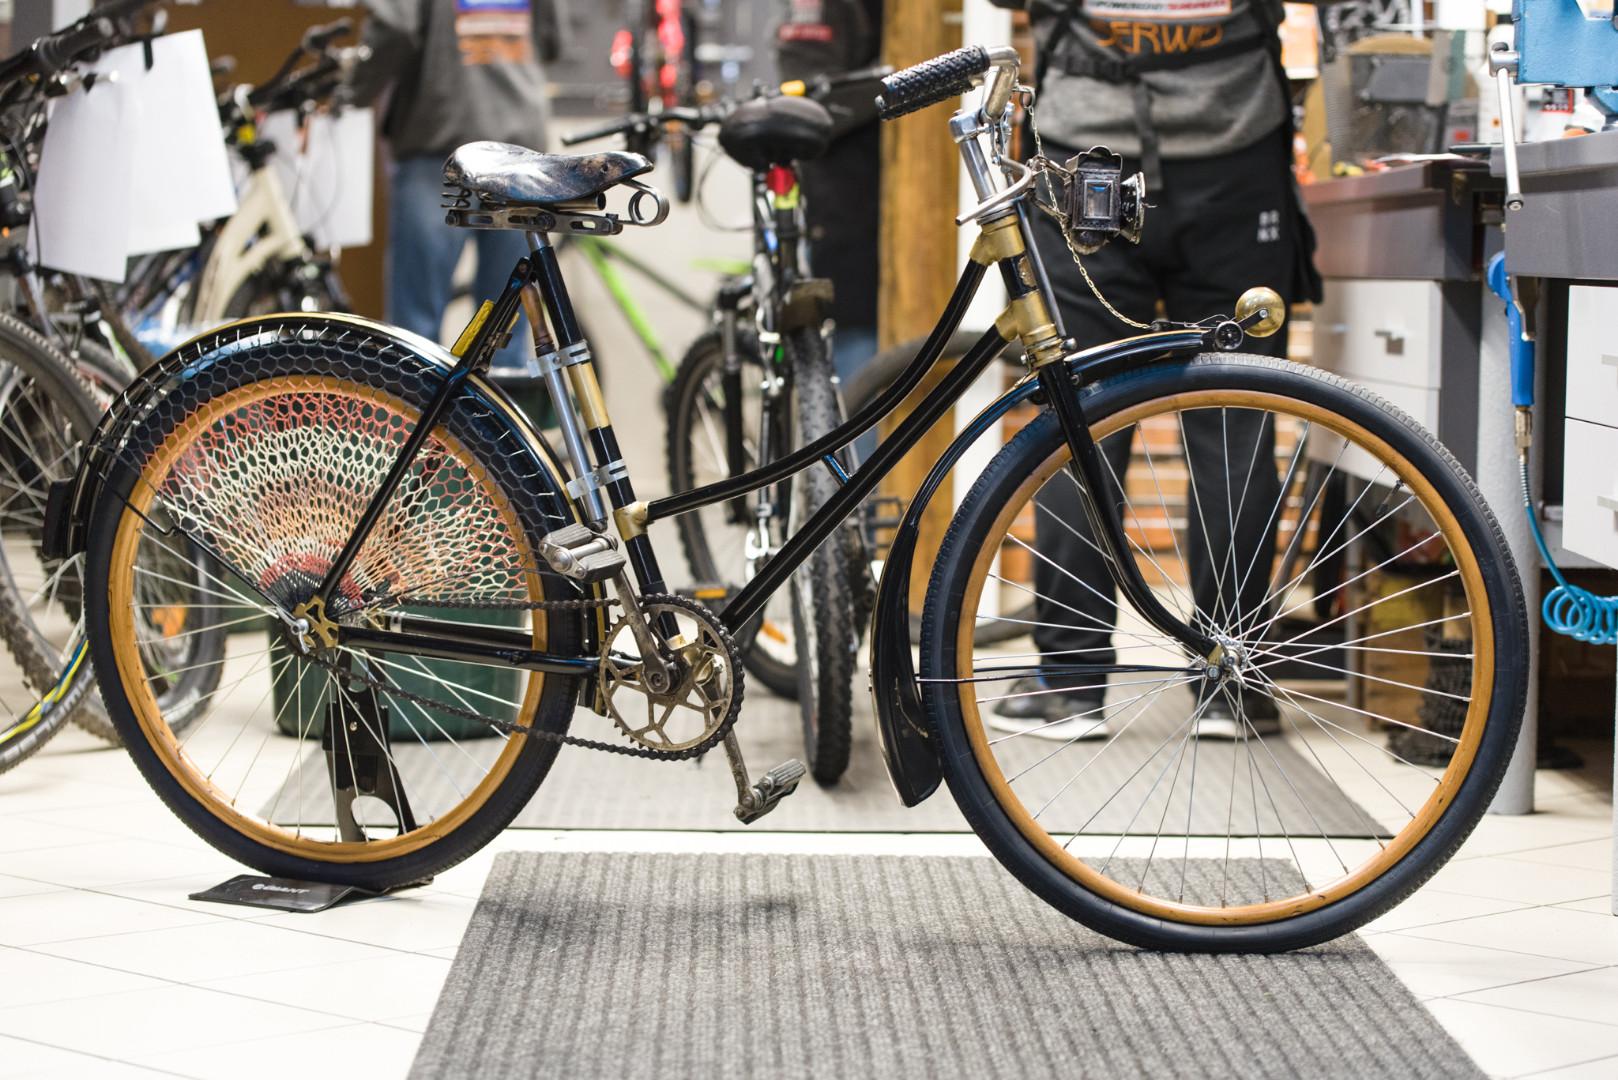 Salon rowerowy olsztyn